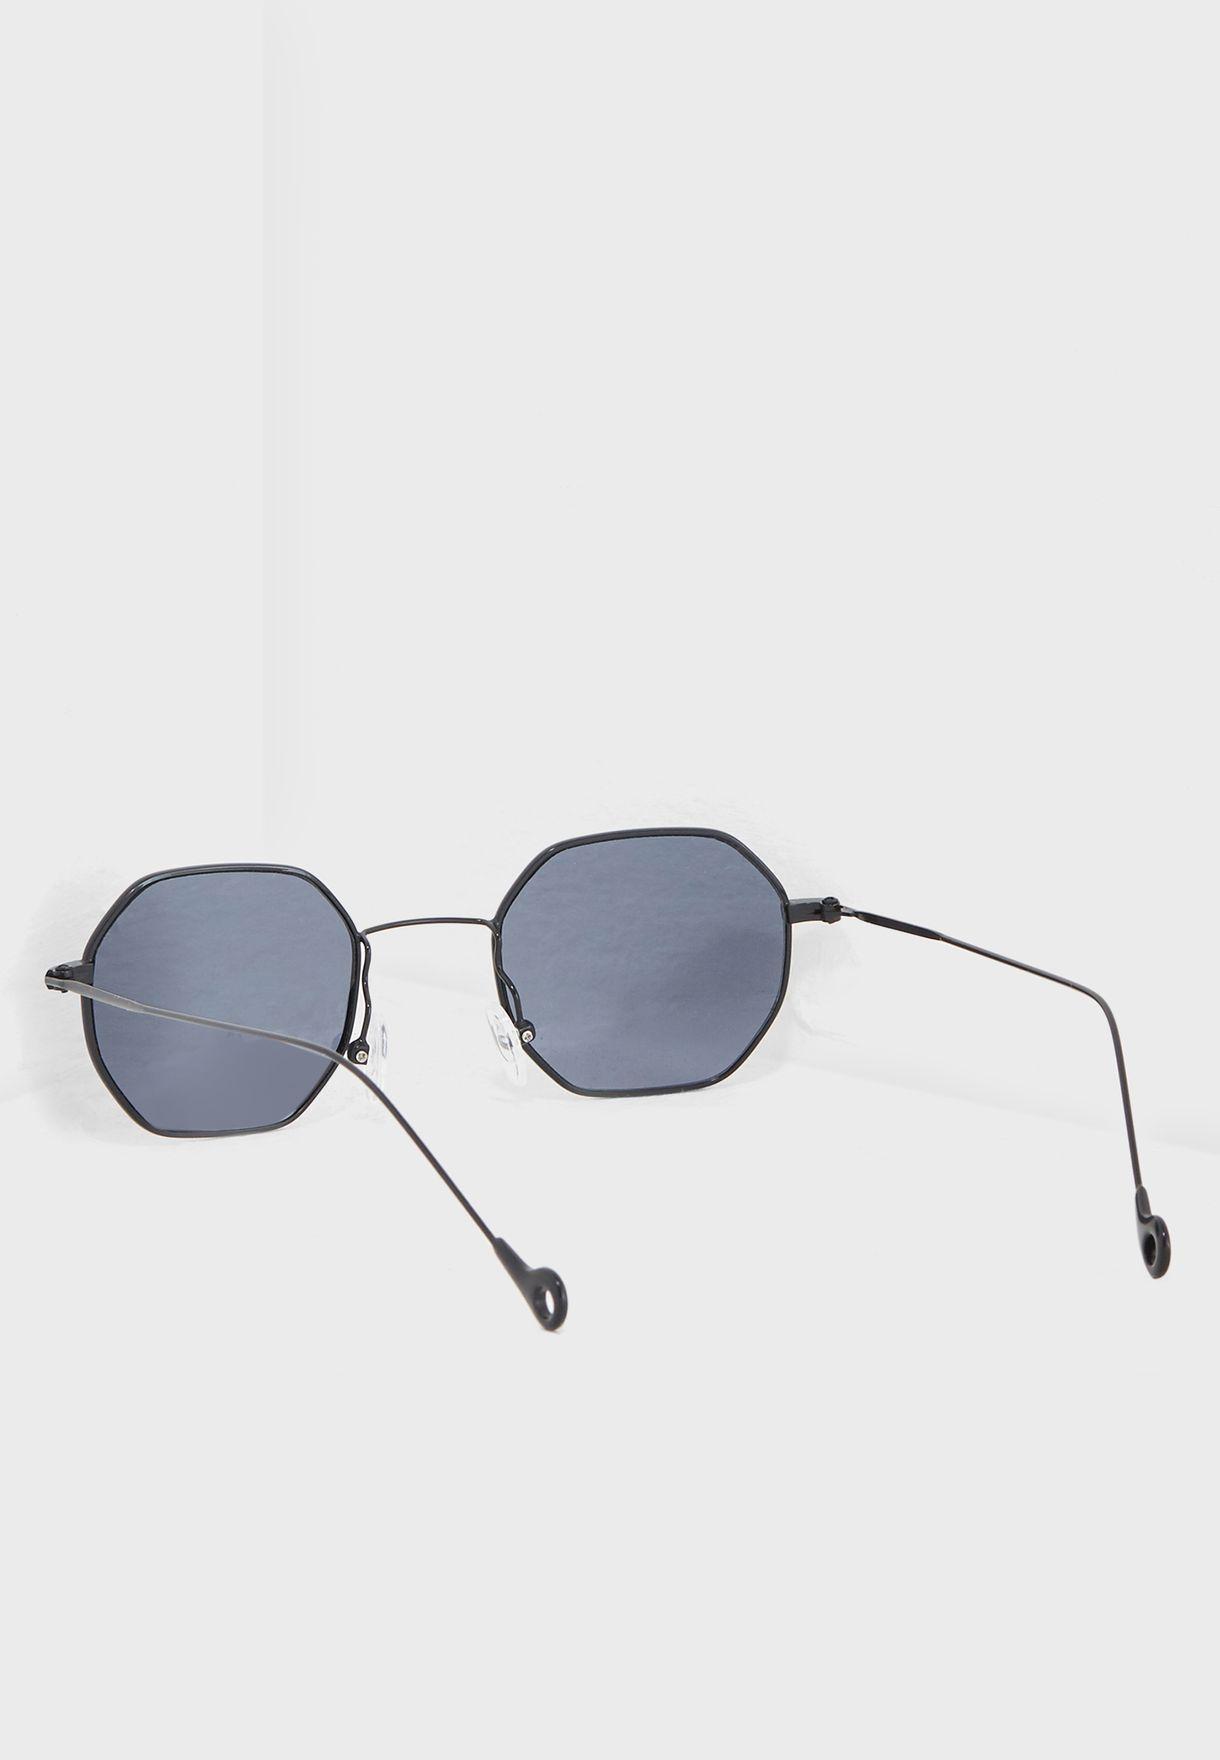 نظارات شمسية سداسية